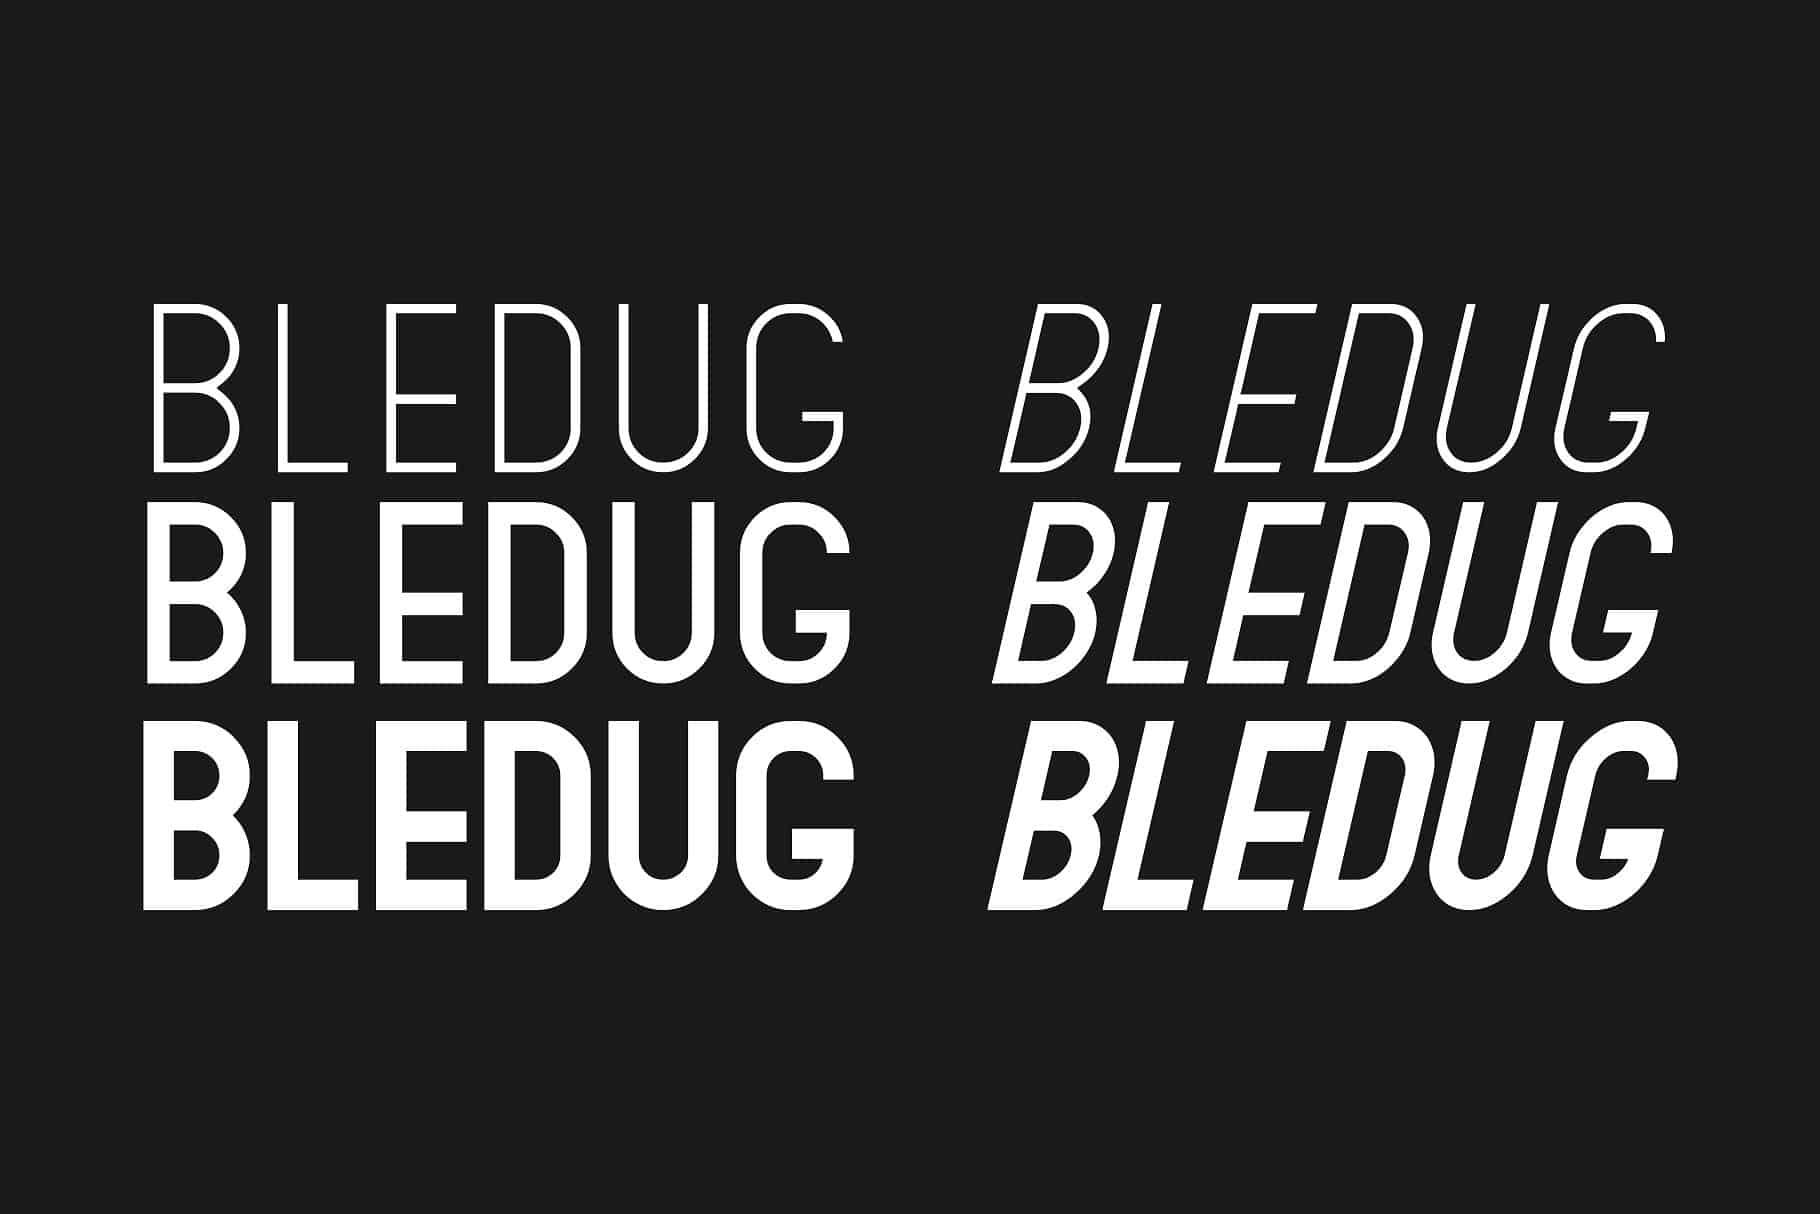 Bledug шрифт скачать бесплатно